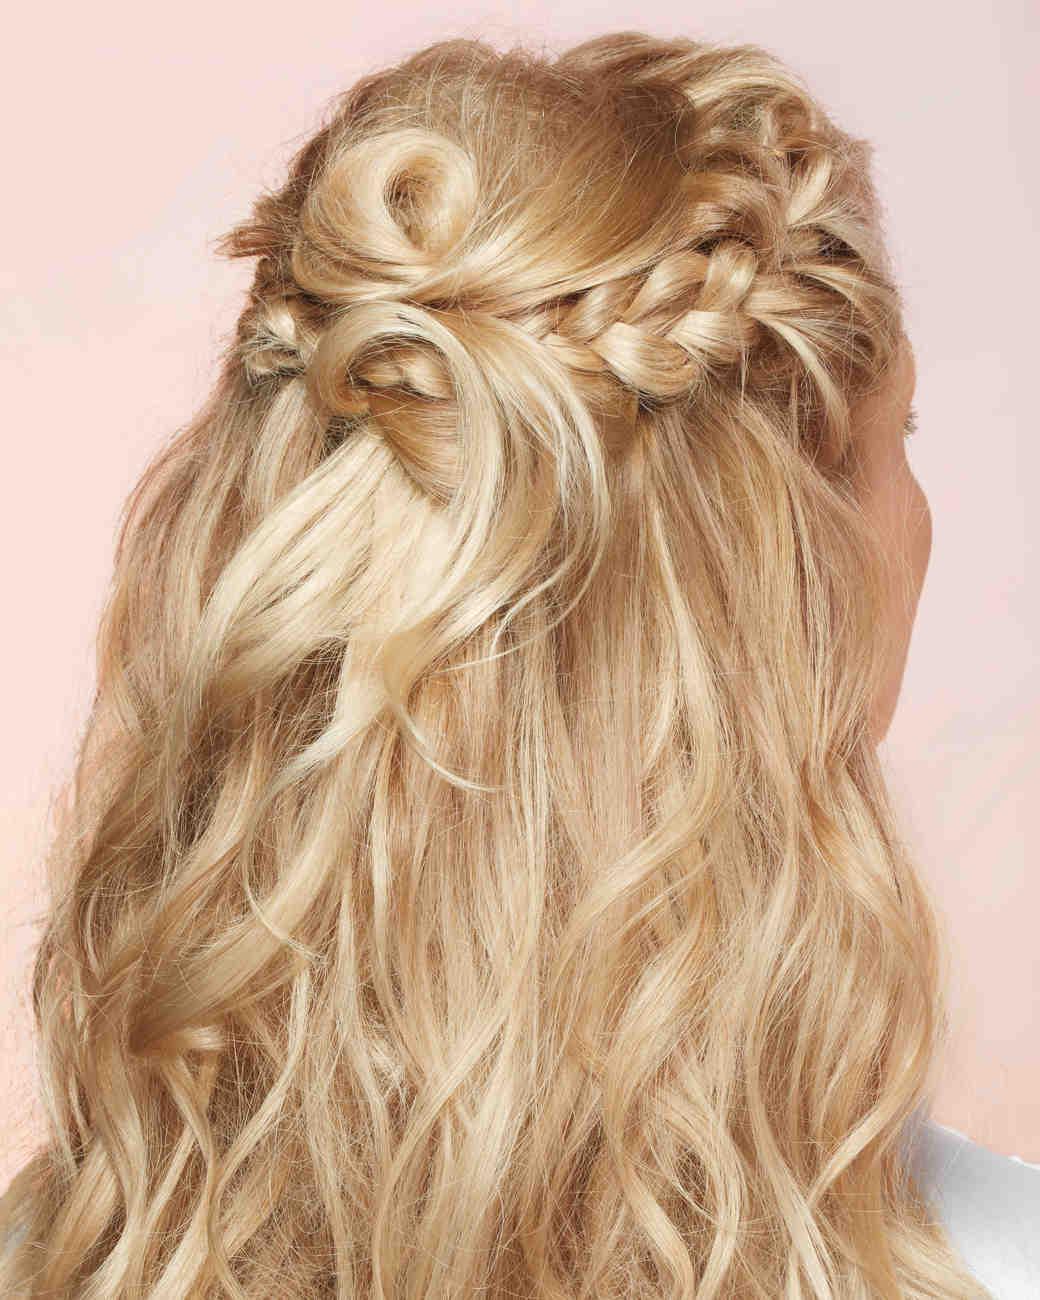 DIY Wedding Hairstyles Martha Stewart Weddings